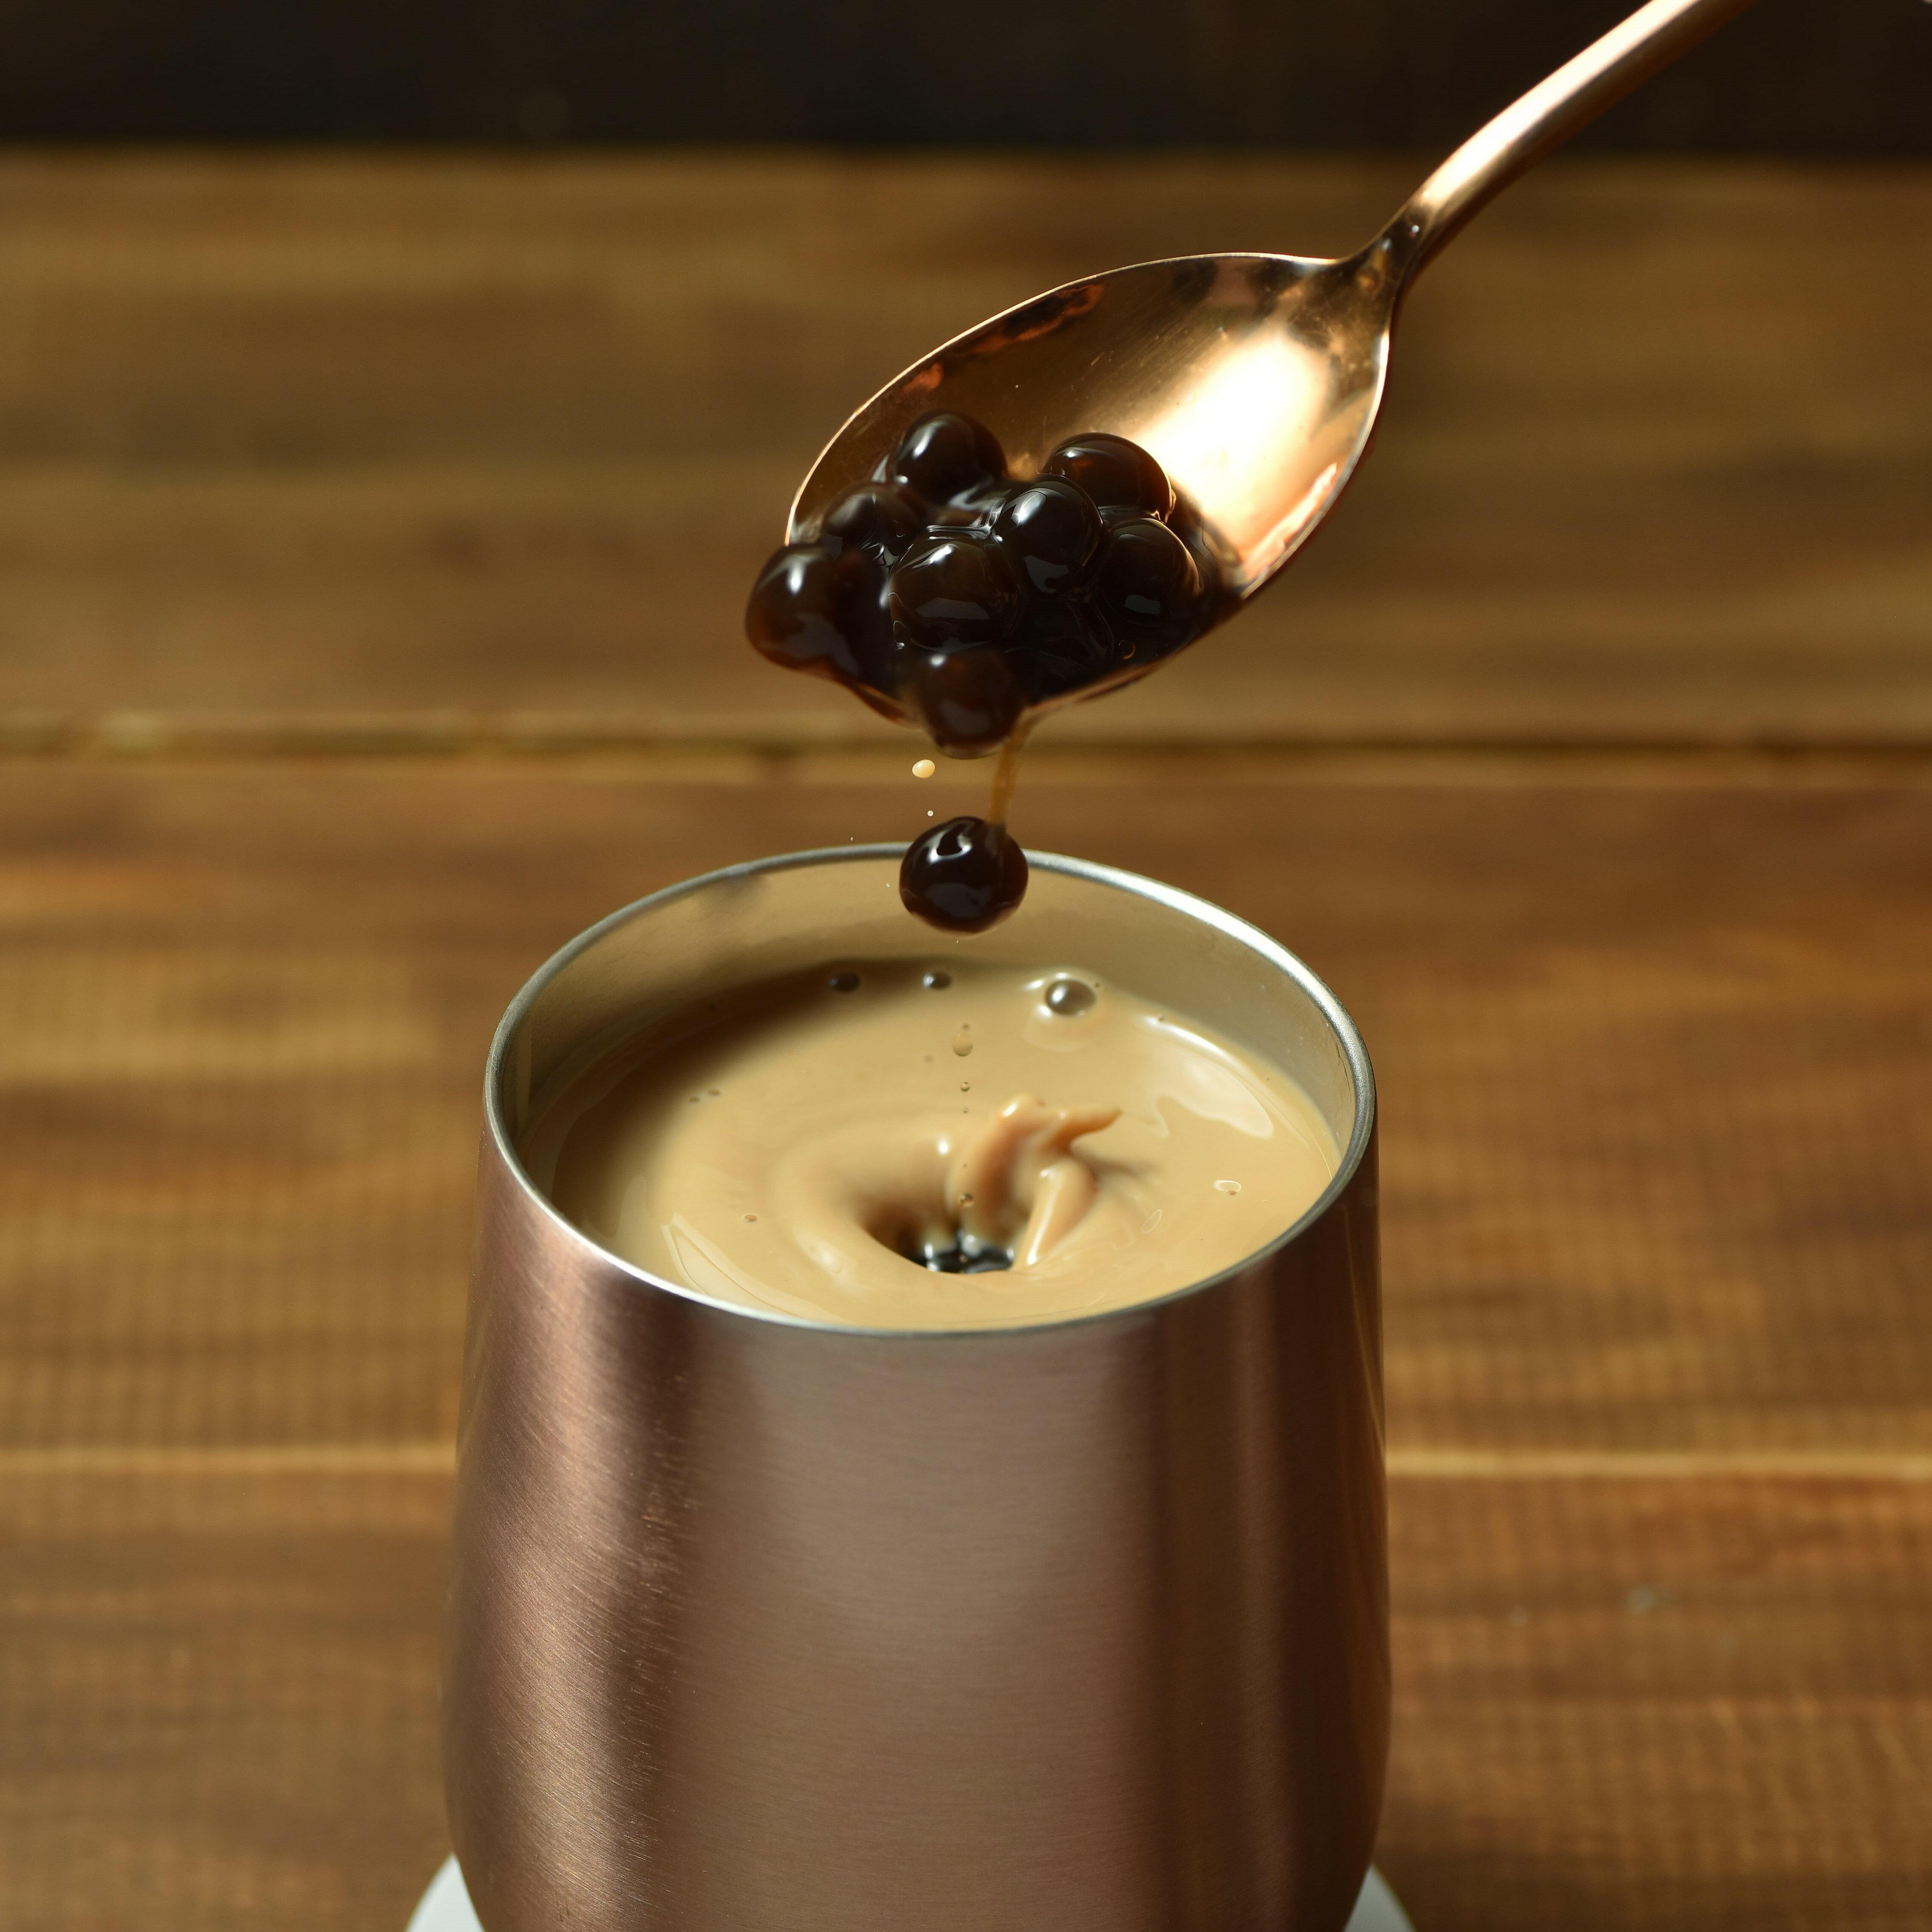 歐可茶葉 真奶茶 台灣珍珠奶茶(5包 / 盒)  /  因訂單量龐大目前最慢出貨日為8月19日 /  2